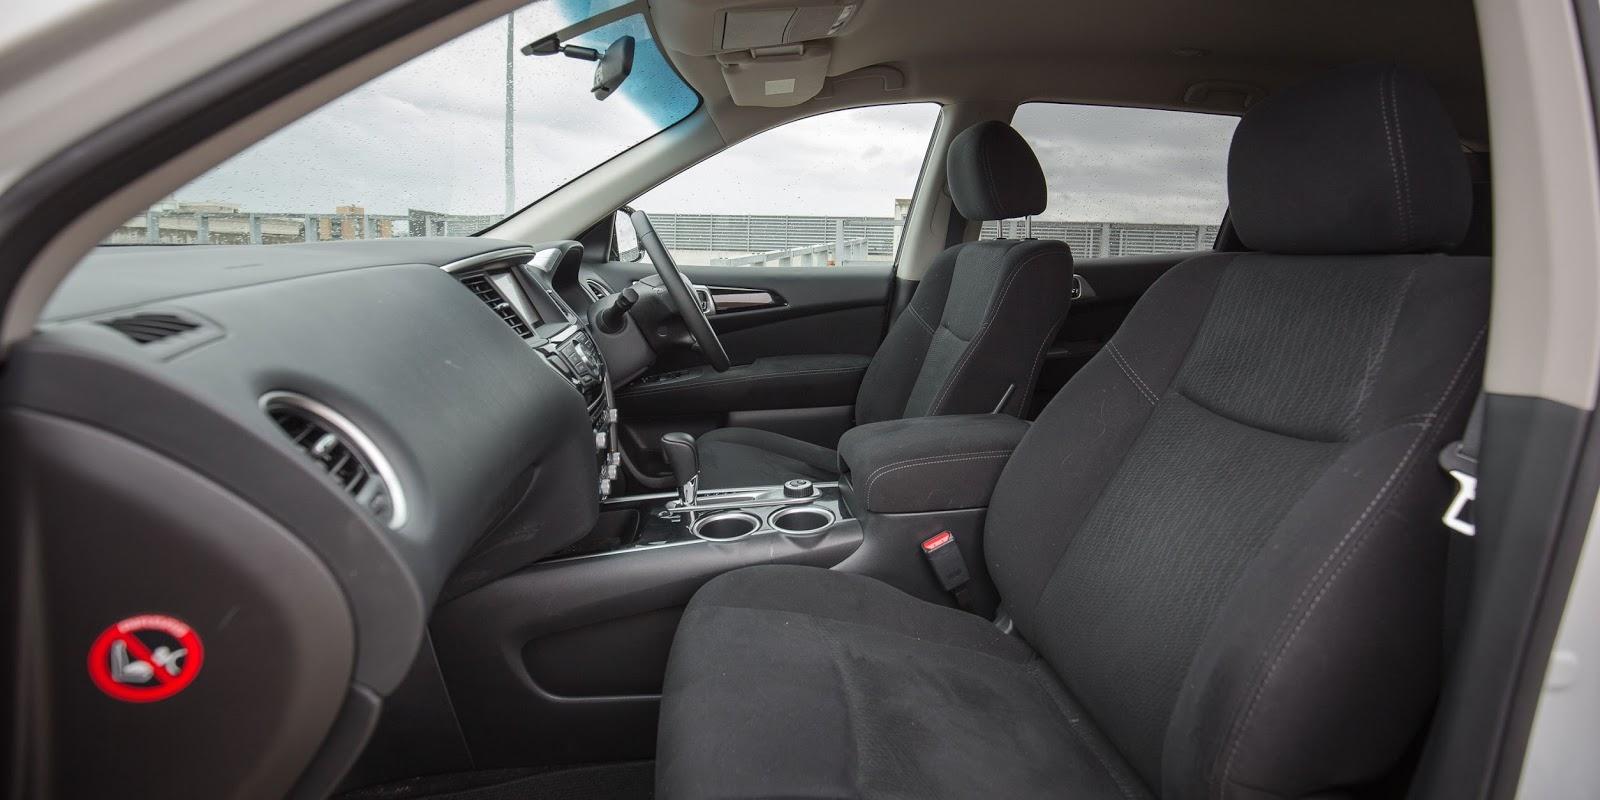 Nội thất bọc vải quá nhiều là điểm trừ mà Nissan Pathfinder 2016 nhận